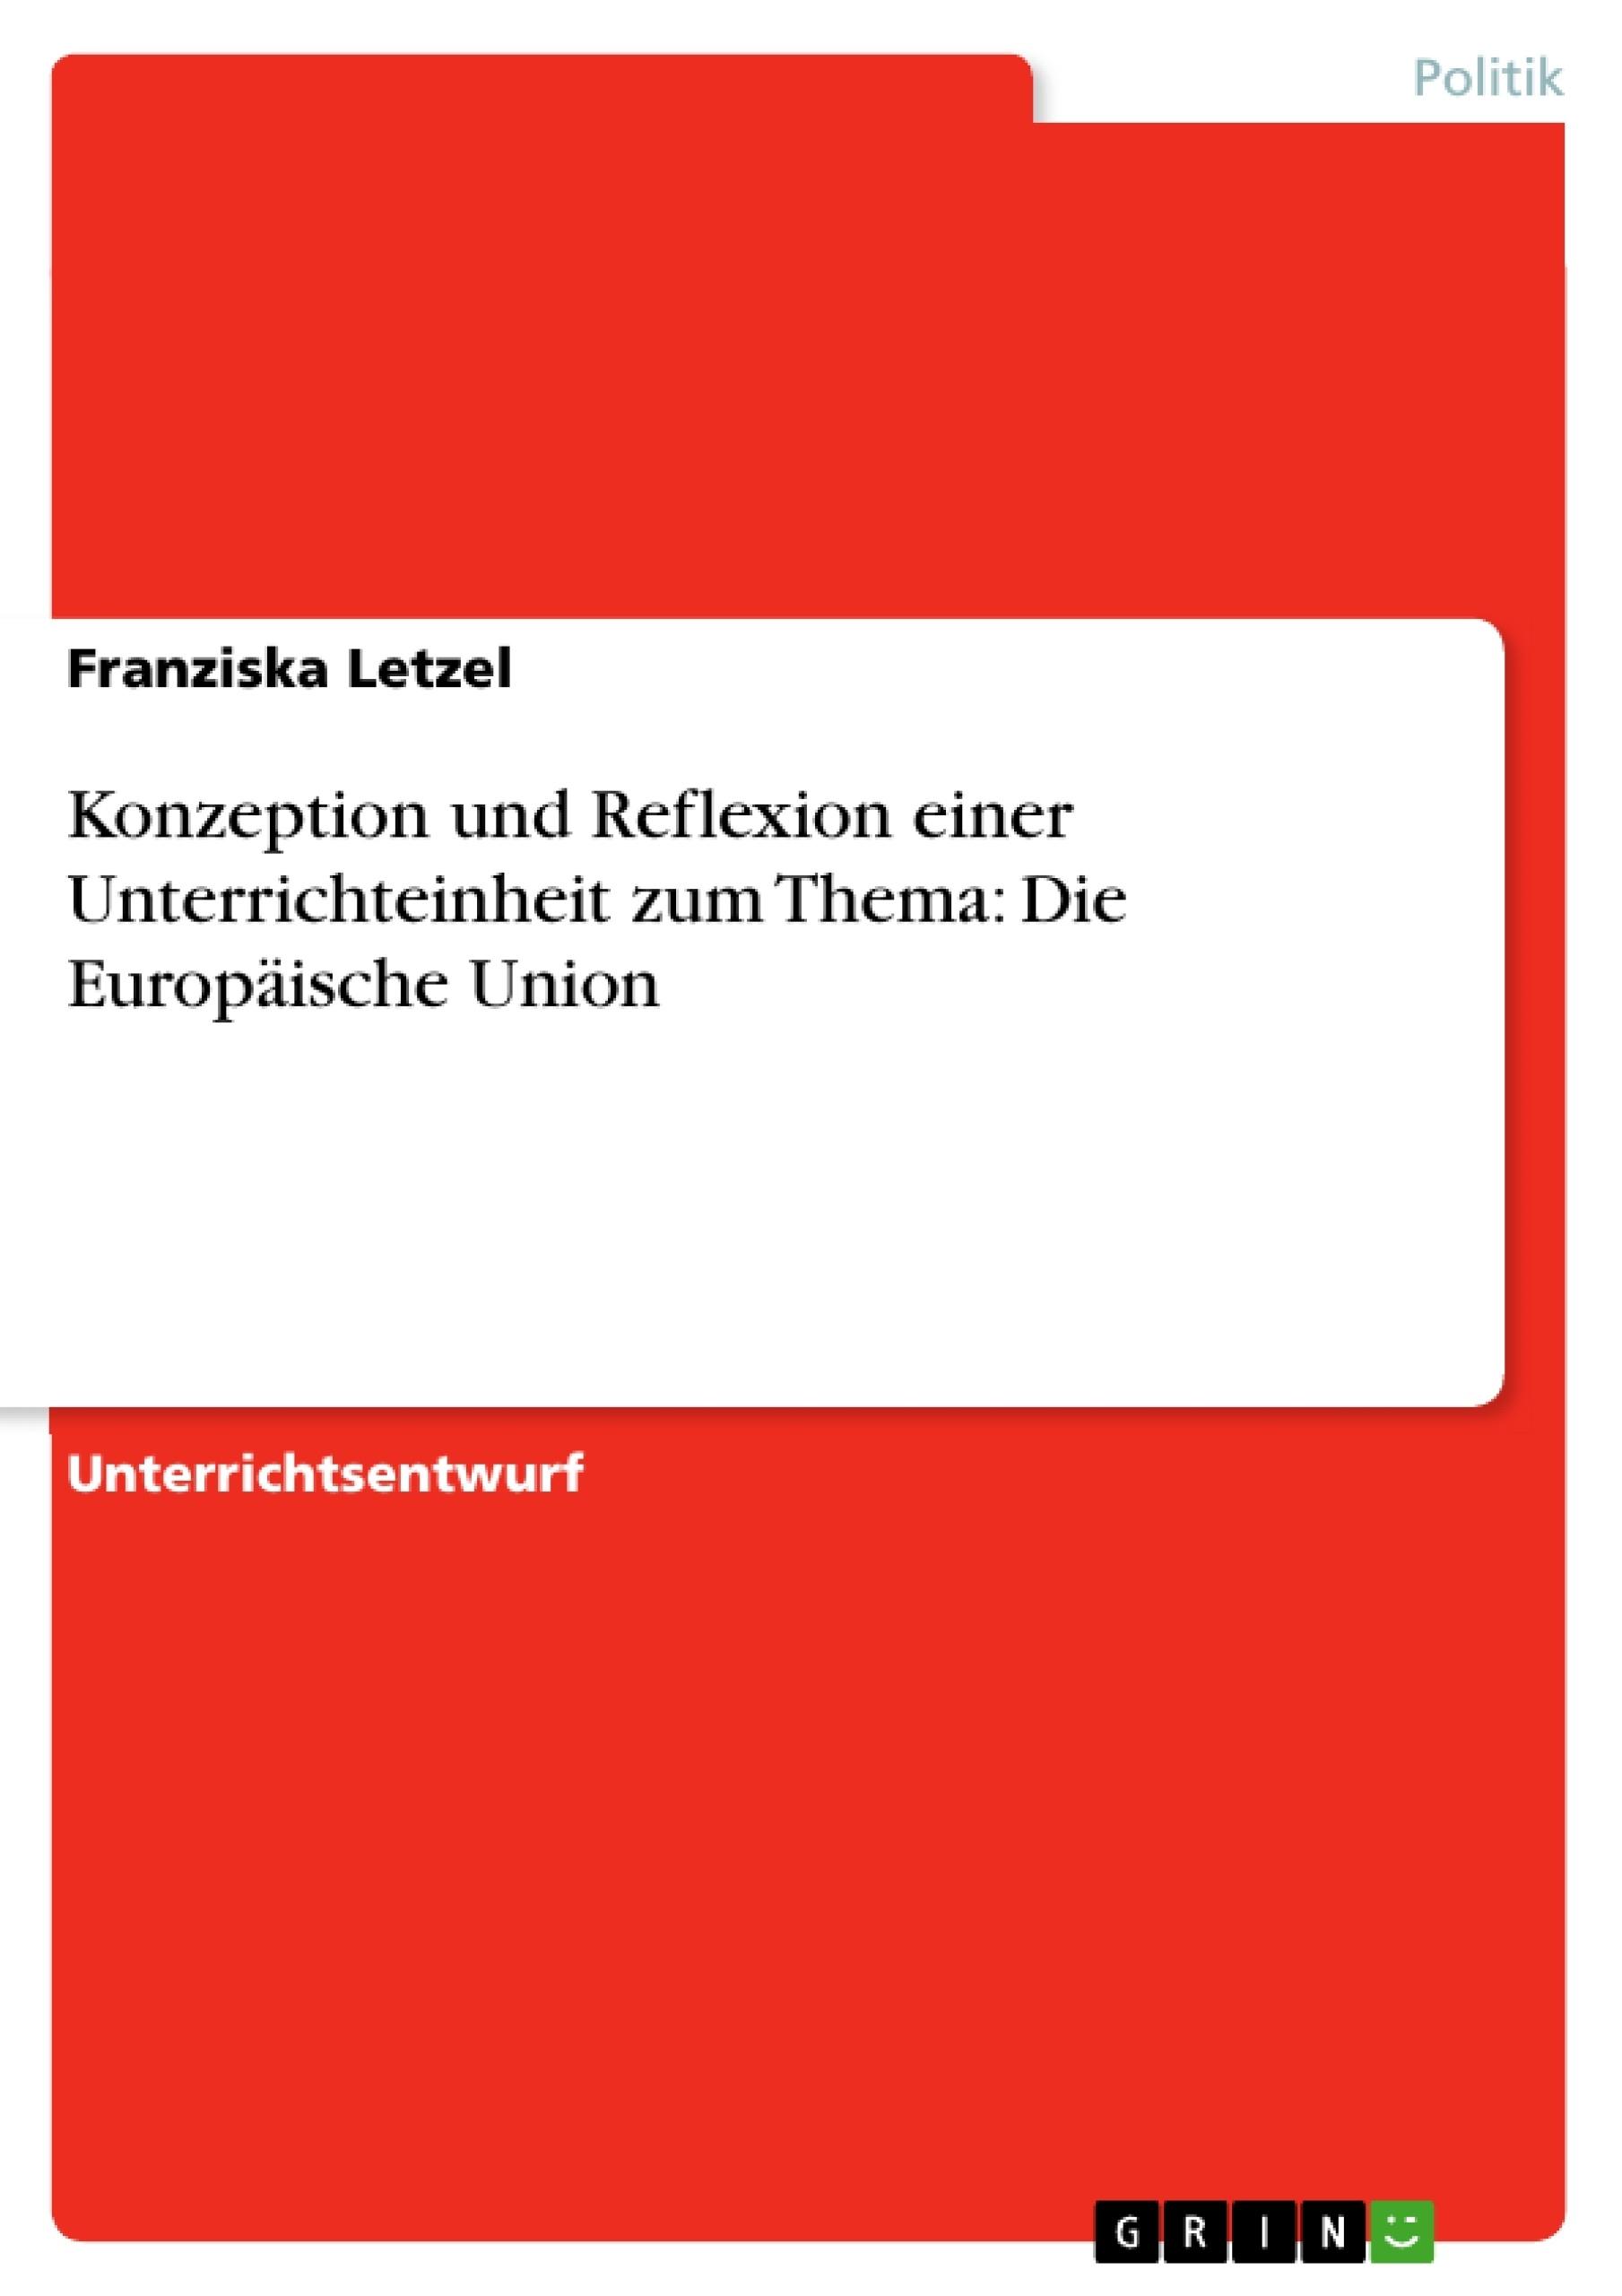 Titel: Konzeption und Reflexion einer Unterrichteinheit zum Thema: Die Europäische Union